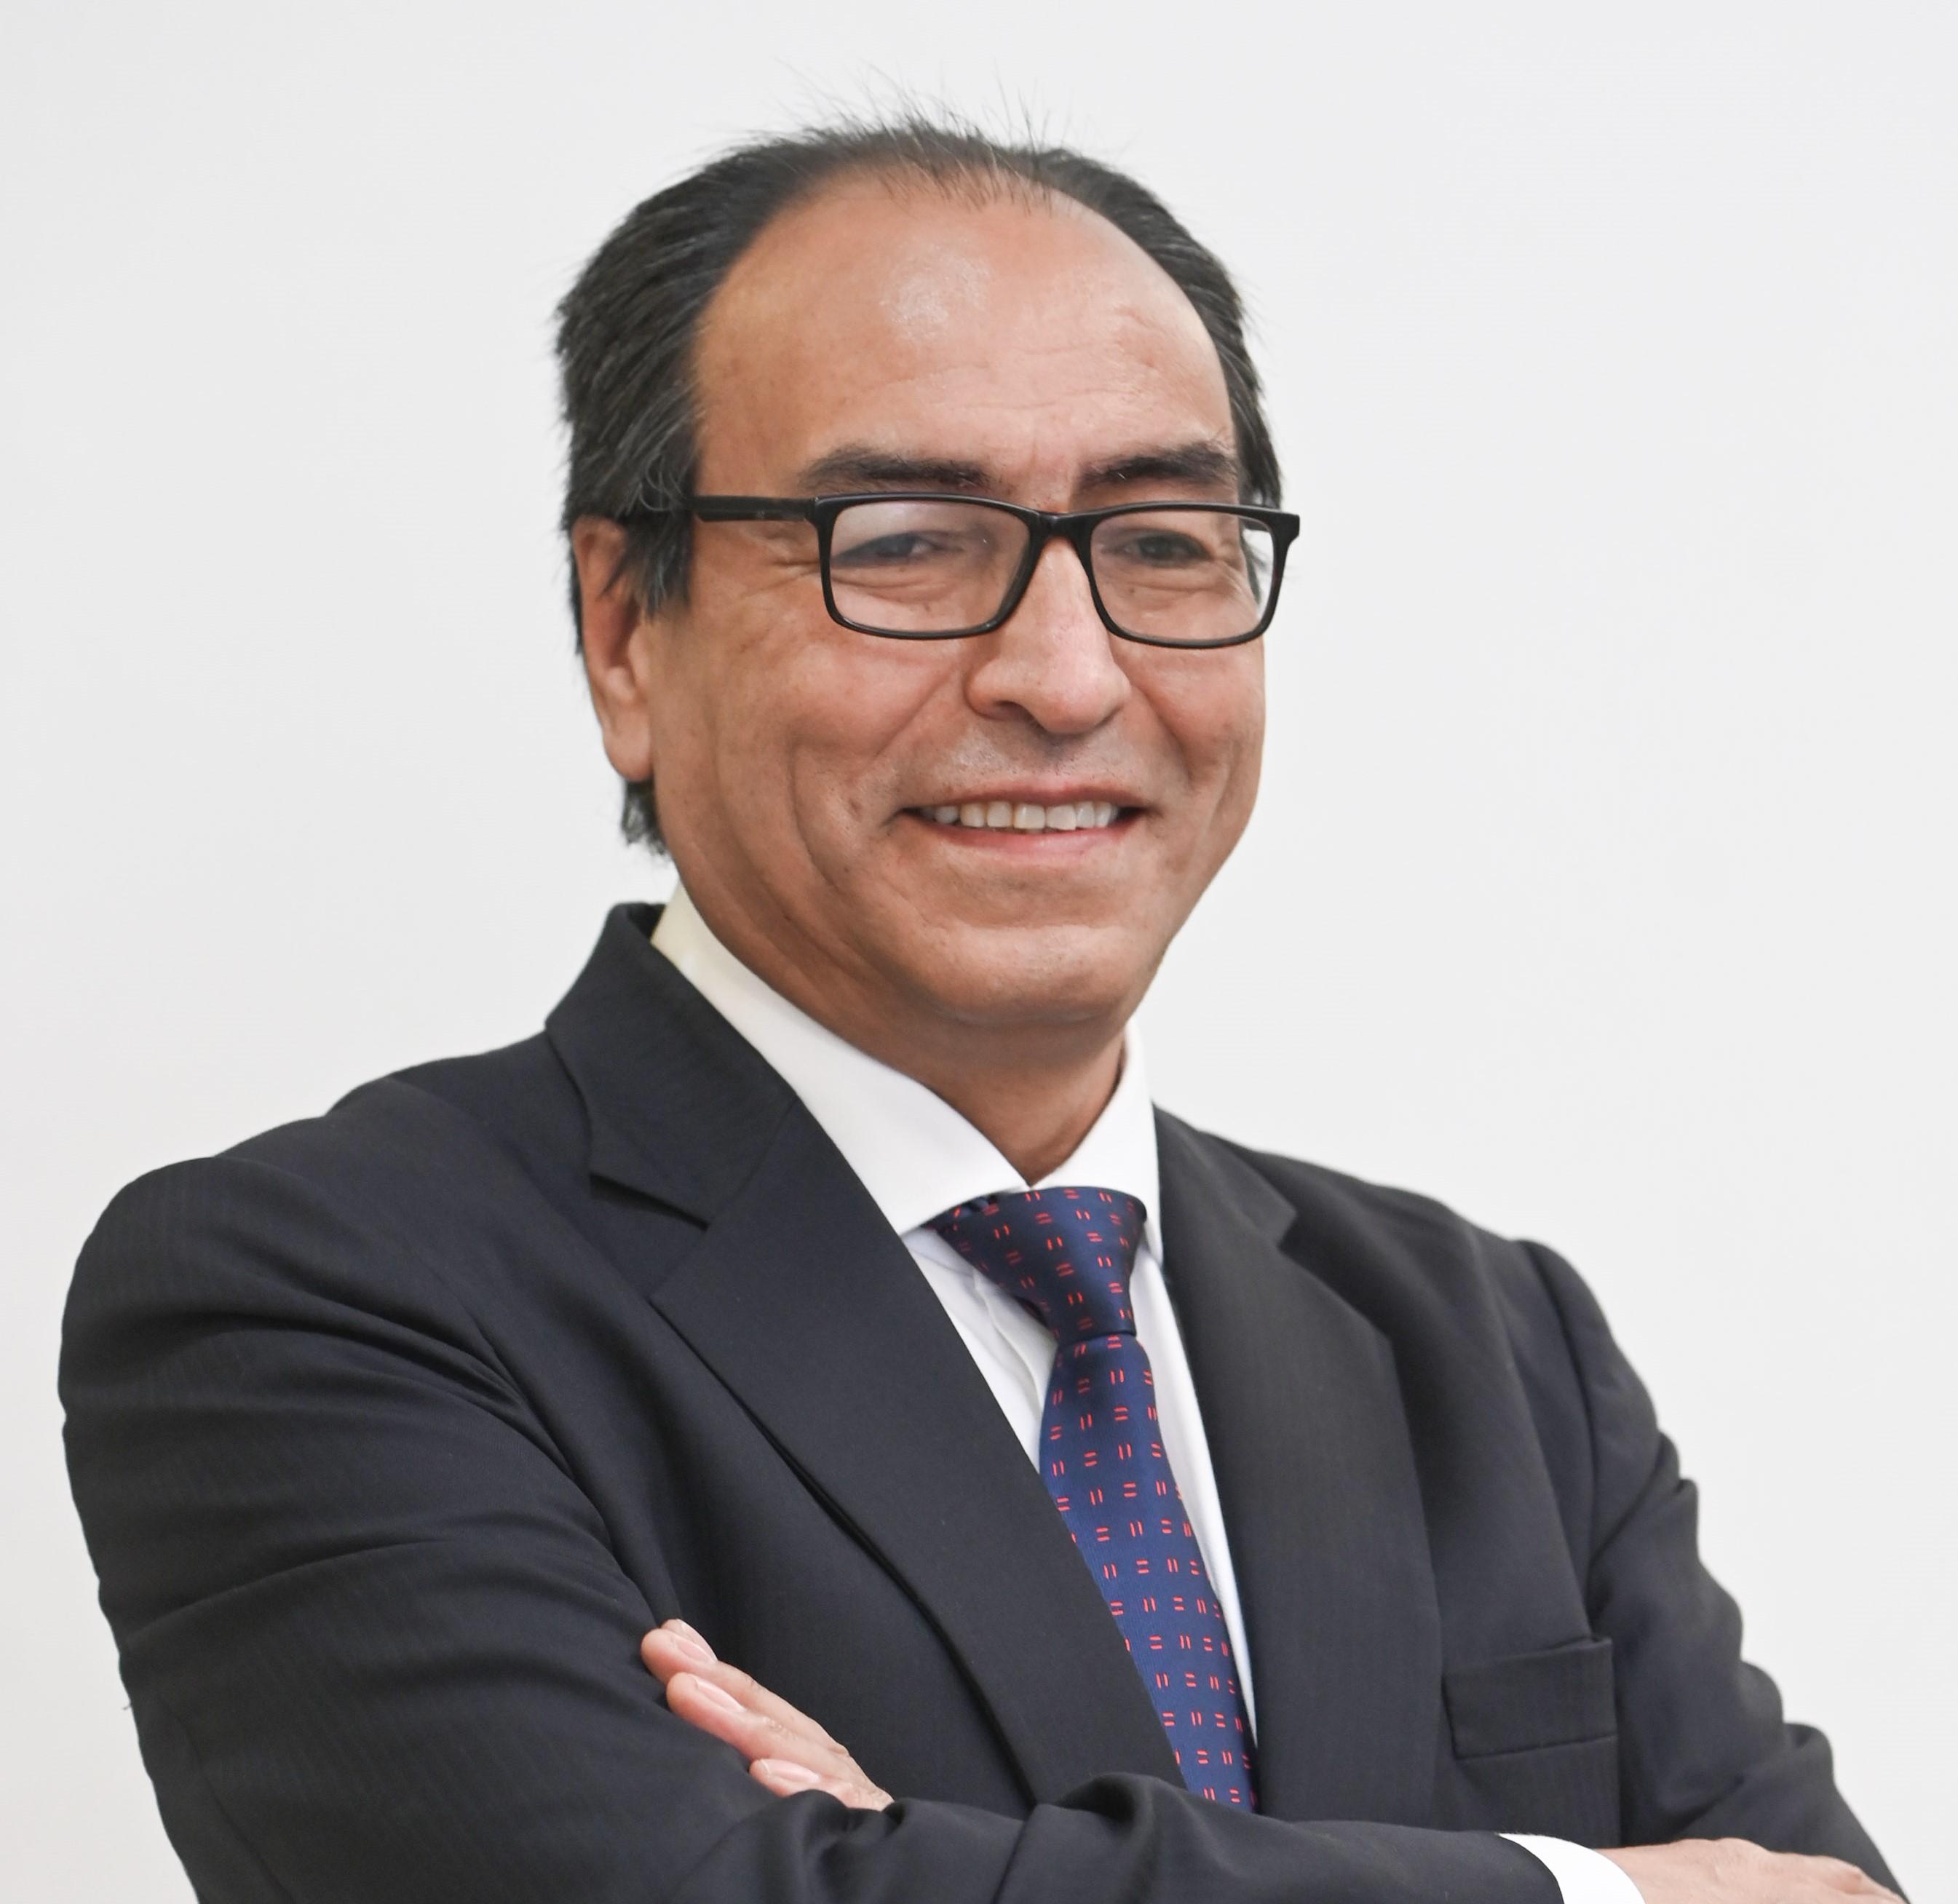 Guillermo Mosqueira Lovón